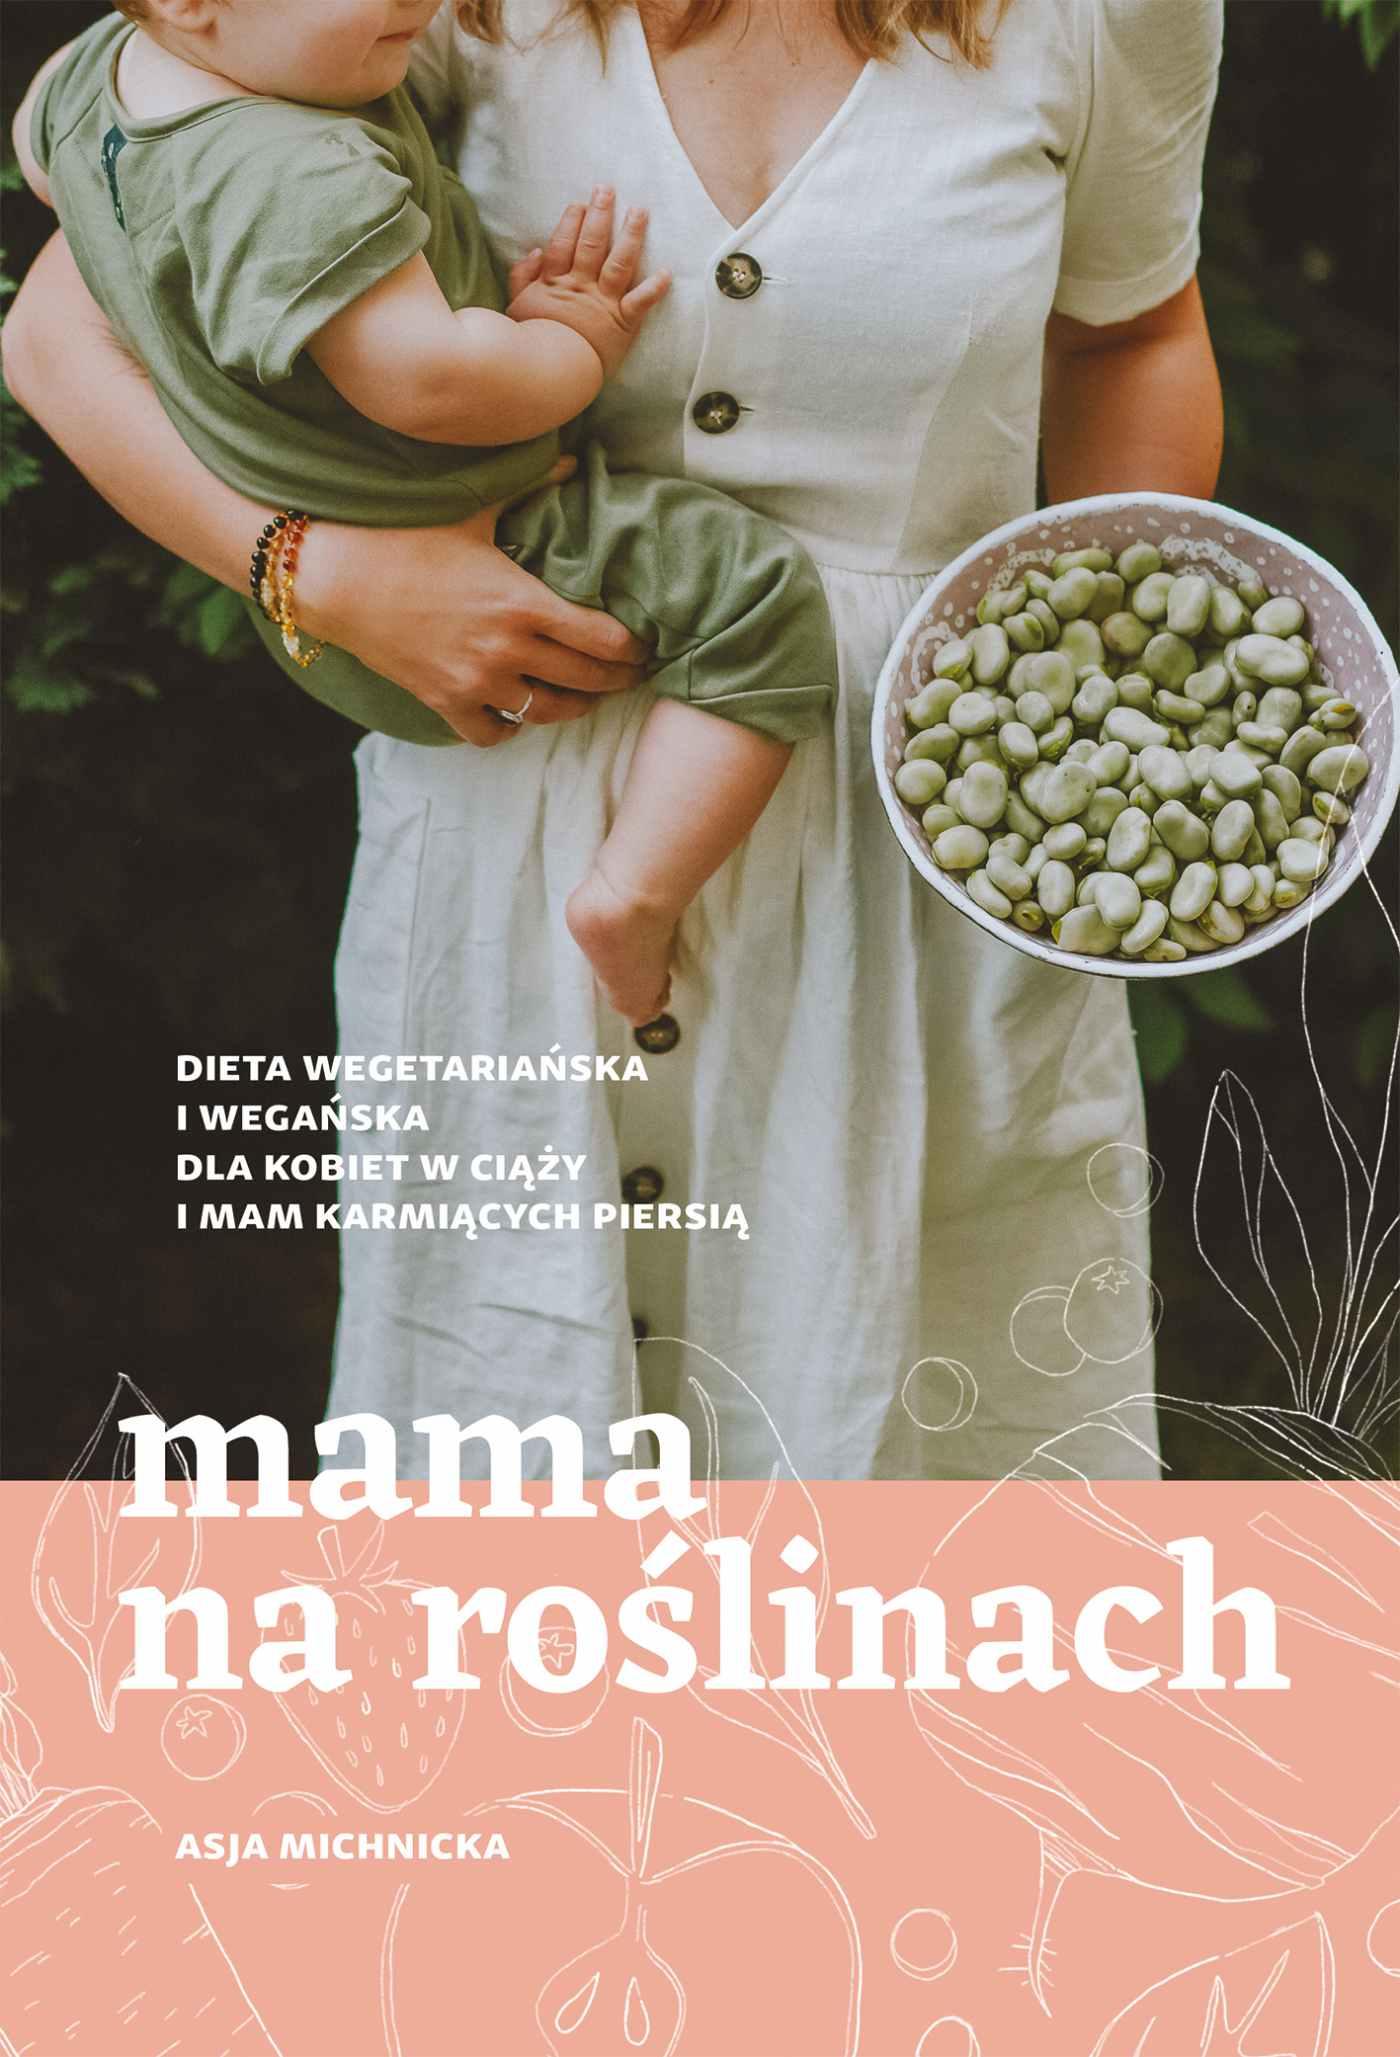 Mama na roślinach. Dieta wegetariańska i wegańska dla kobiet w ciąży i mam karmiących piersią - Ebook (Książka na Kindle) do pobrania w formacie MOBI